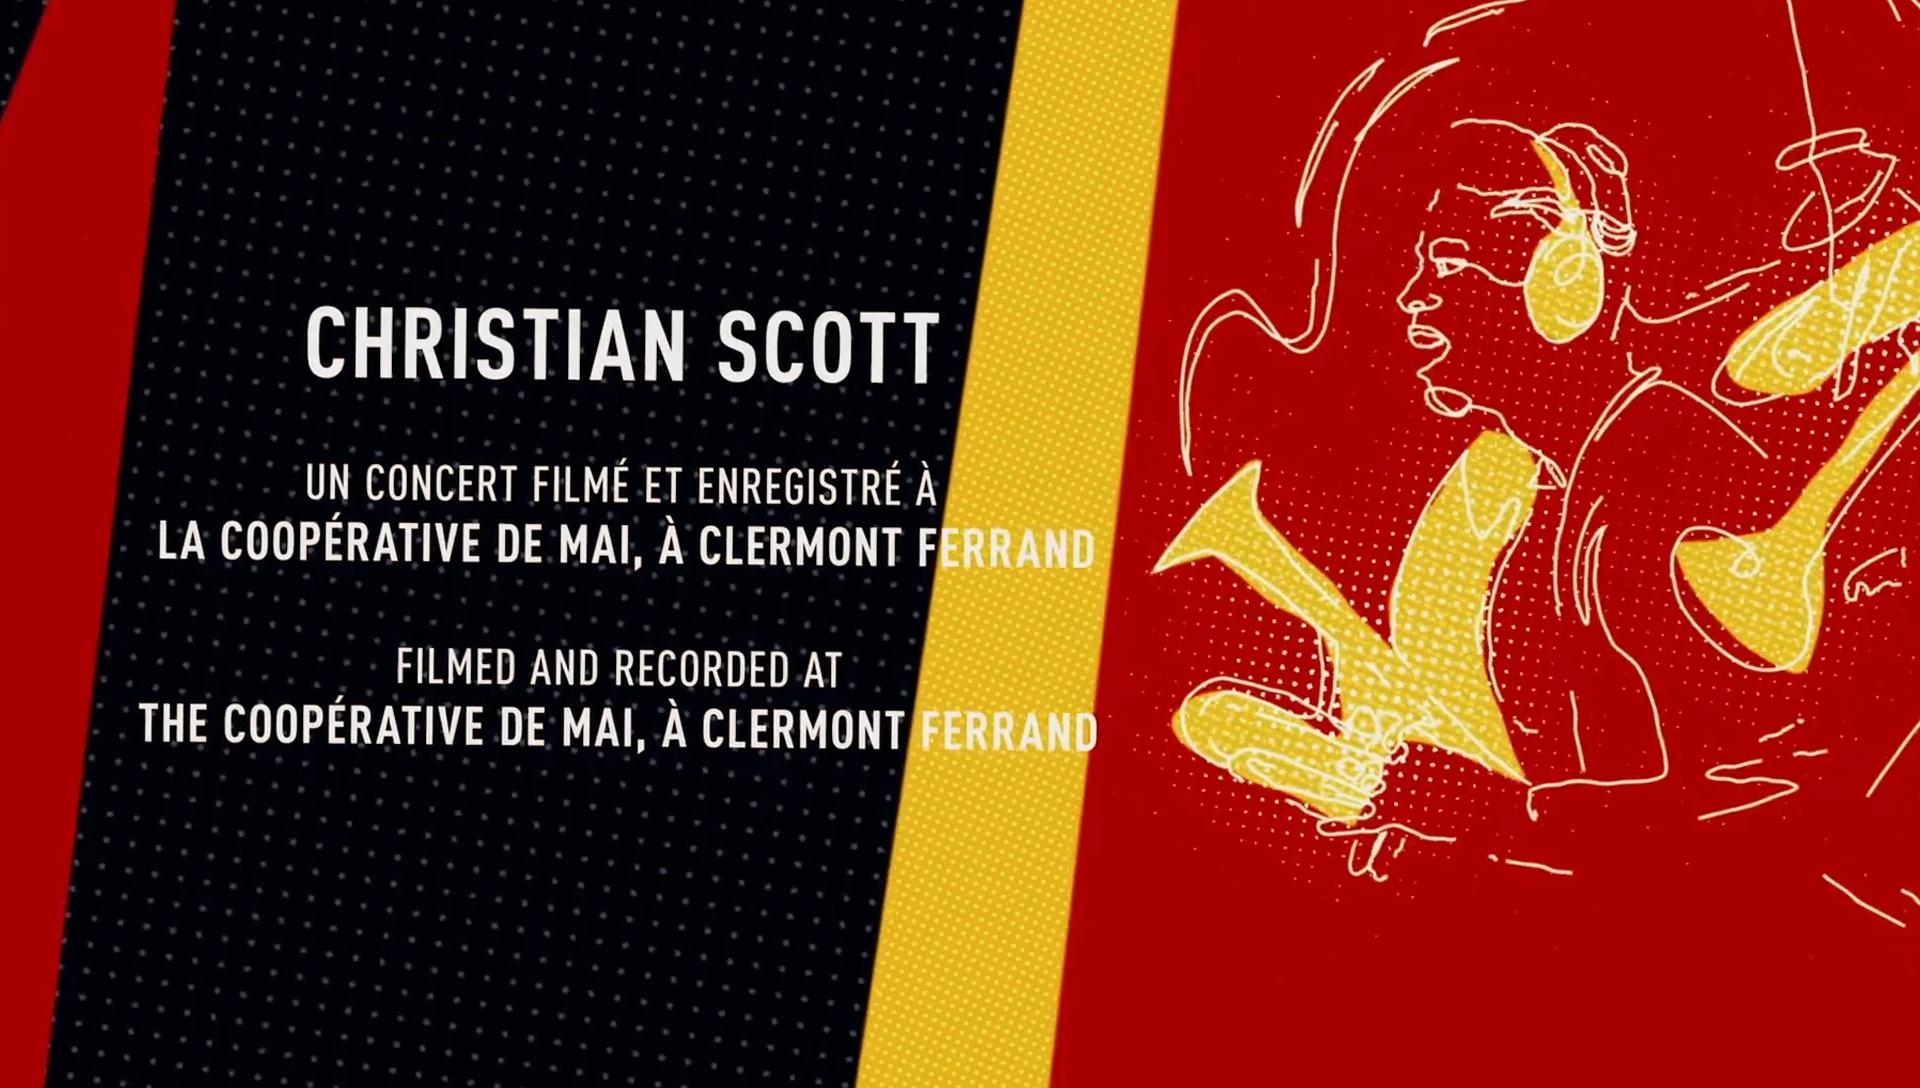 CHRISTIAN SCOTT - CONCERT 4K - 72'